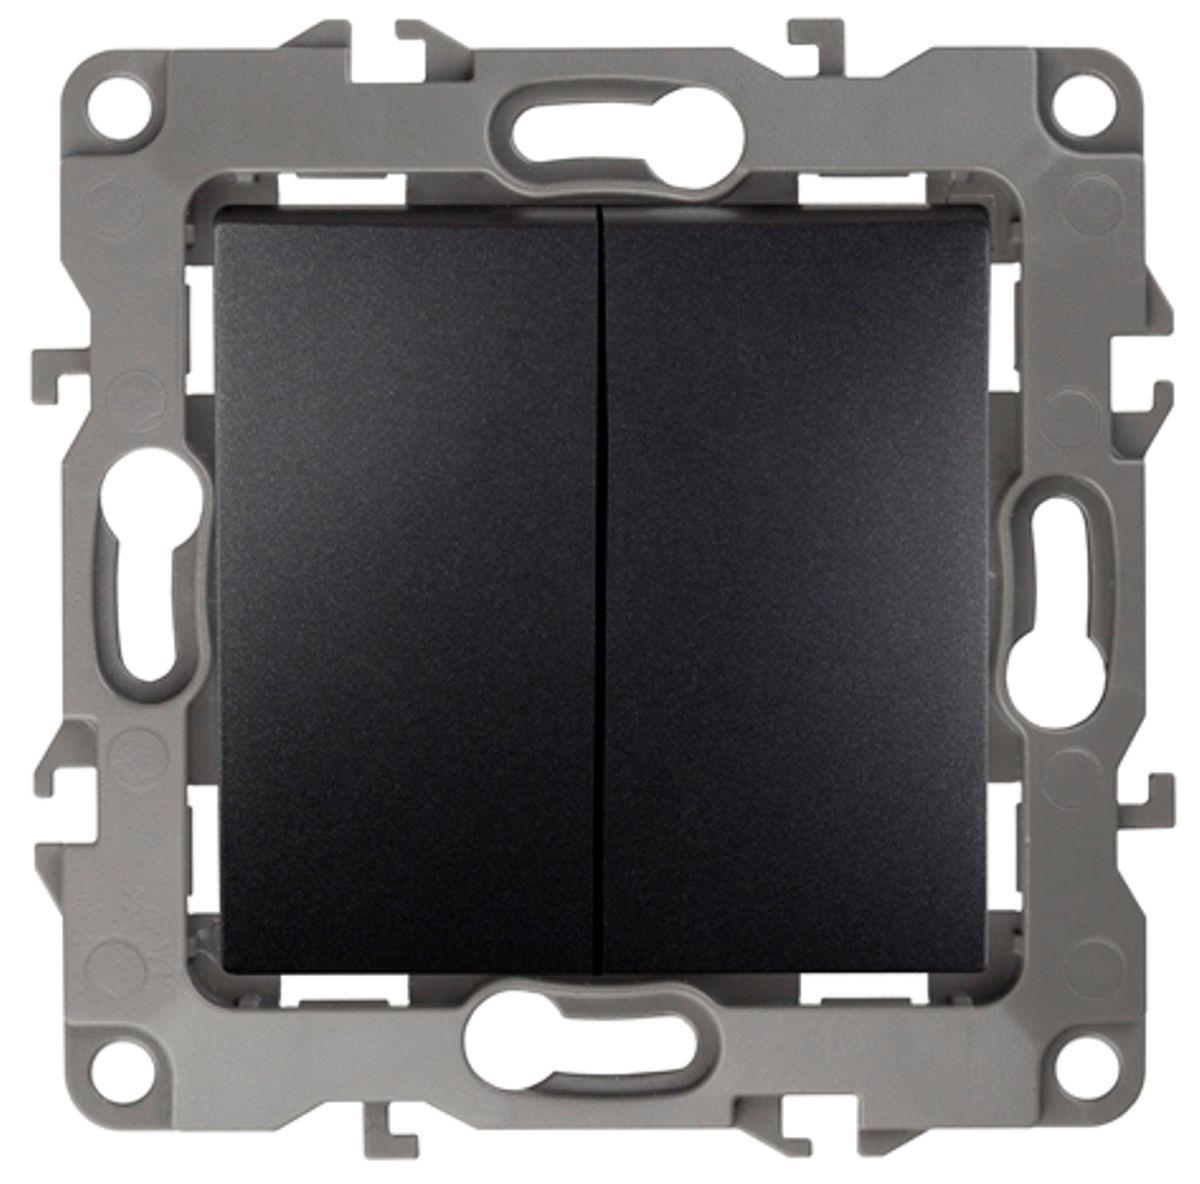 Переключатель ЭРА, двойной, цвет: антрацит, серый. 12-110612-1106-05Двойной переключатель ЭРА выполнен из прочного пластика, контакты бронзовые. Используется в осветительной технике в том случае, если необходимо включать одну люстру (другой светильник) с нескольких мест (например: из кухни, коридора, гостиной при больших проходных комнатах). Изделие просто в установке, надежно в эксплуатации. Переключатель имеет специальные фиксаторы, которые не дают ему смещаться как при монтаже, так и в процессе эксплуатации. Автоматические зажимы кабеля обеспечивают быстрый и надежный монтаж изделия к электросети без отвертки и не требуют обслуживания в отличие от винтовых зажимов.